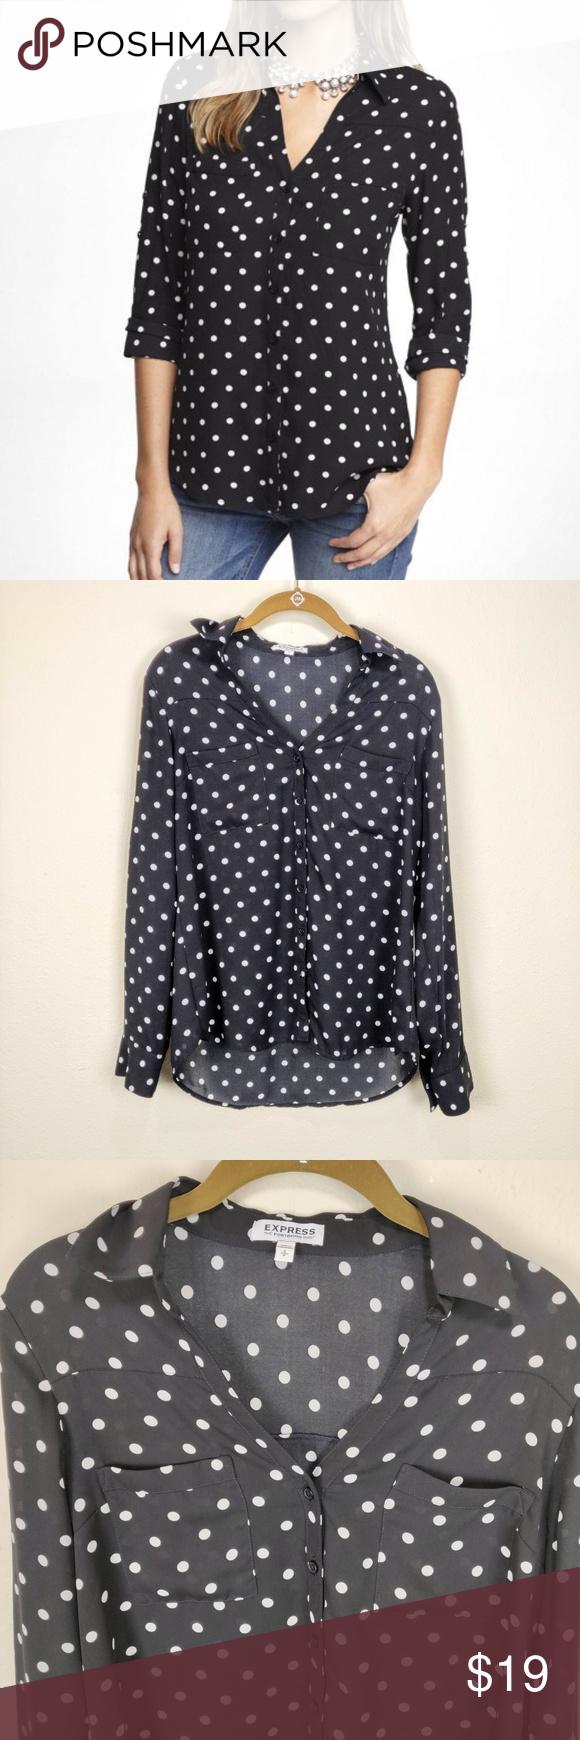 95e0fd24968132 Express Black White Polkadot Button Down Shirt 3 4 Sleeve polyester black  with white polka